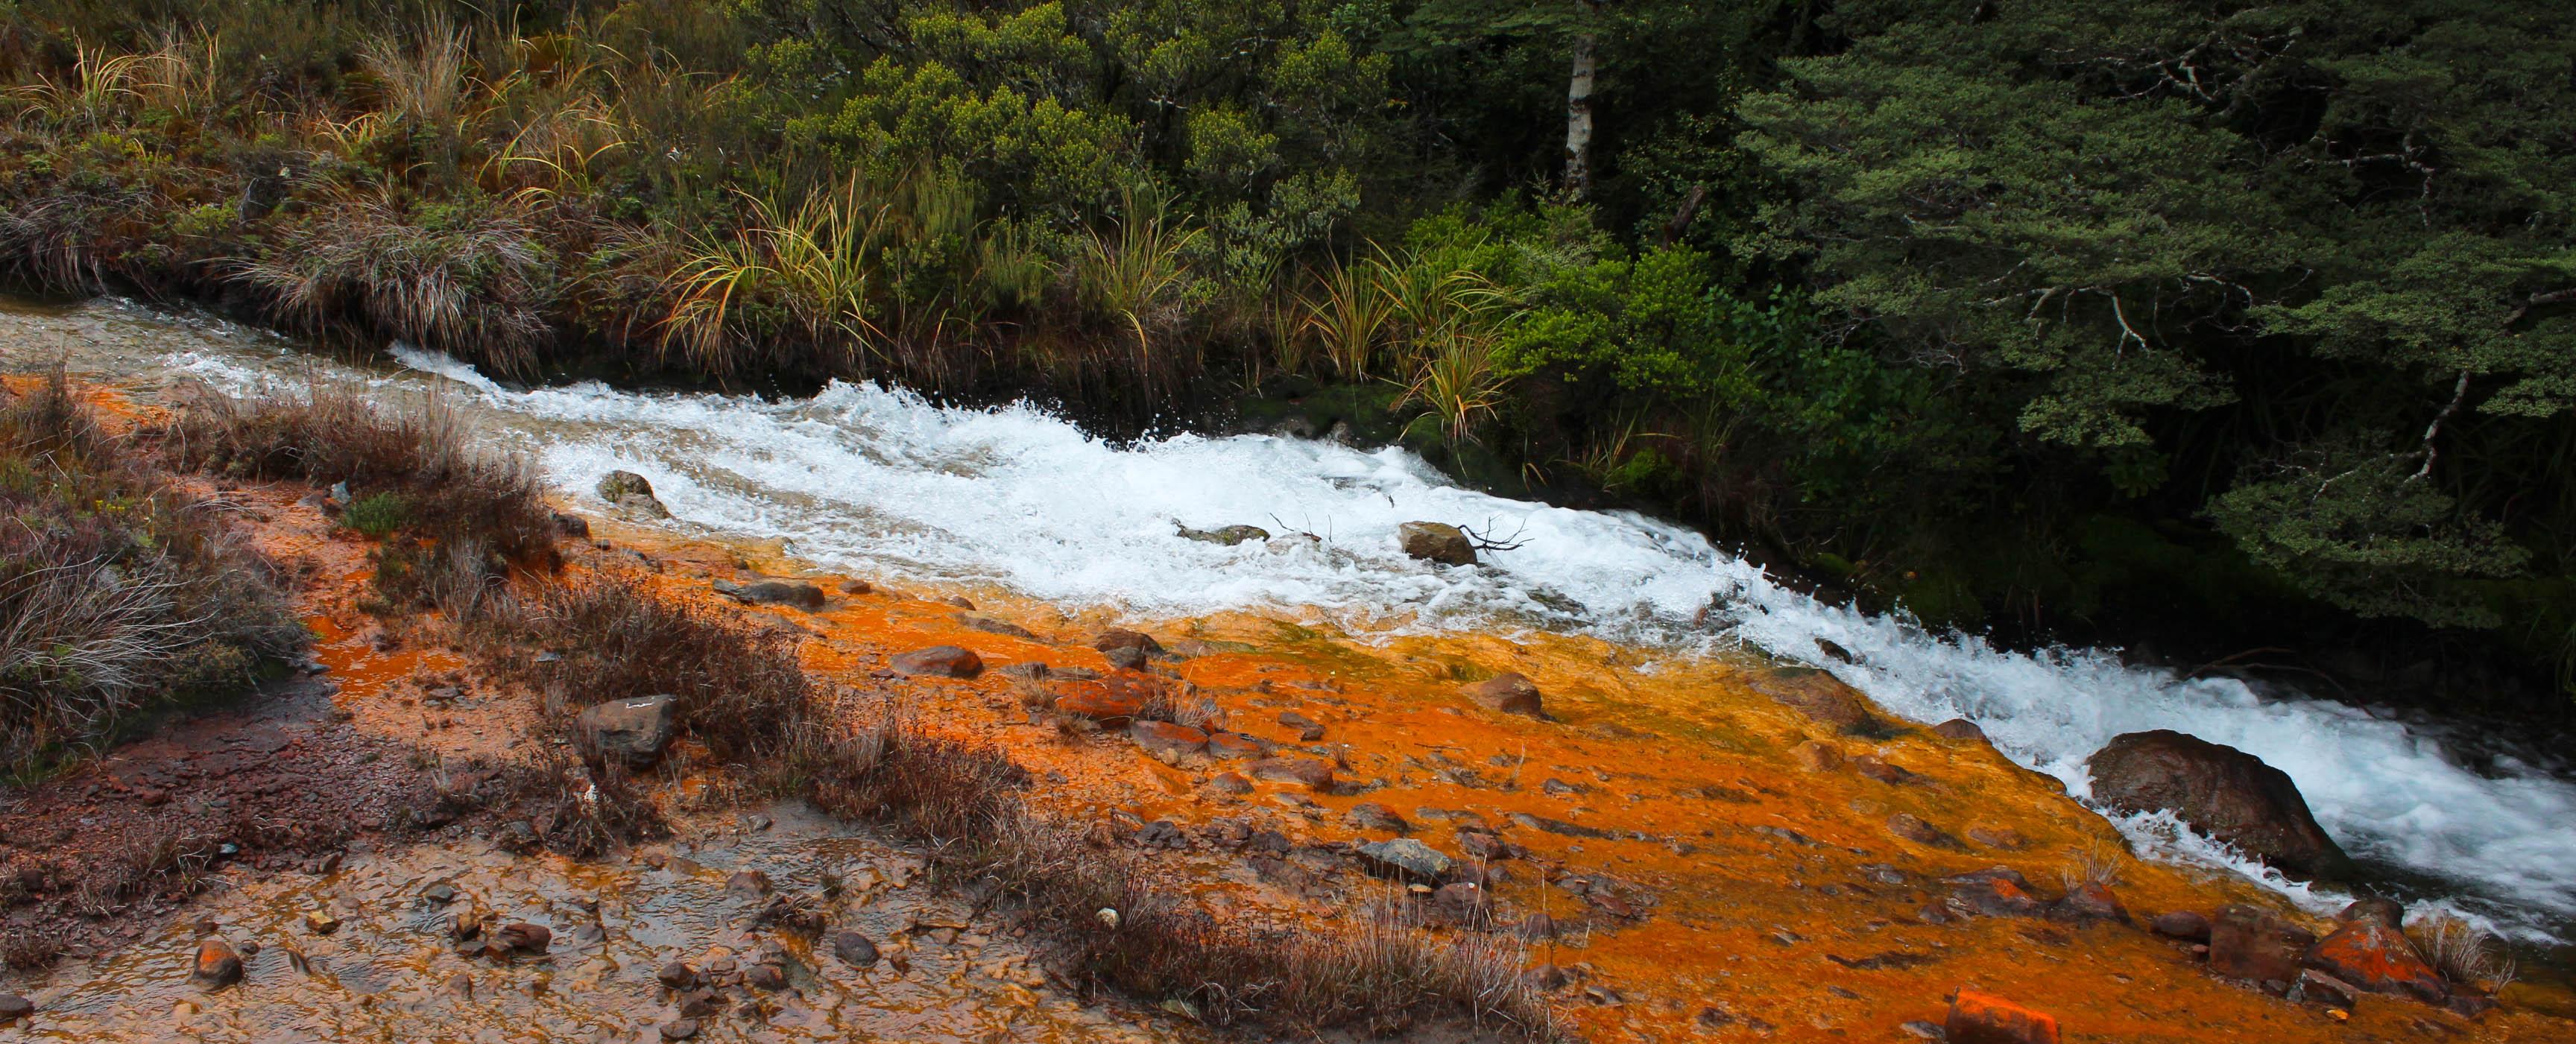 Nouvelle Zélande - Tongariri national parc - Les lubies de louise (8 sur 25)